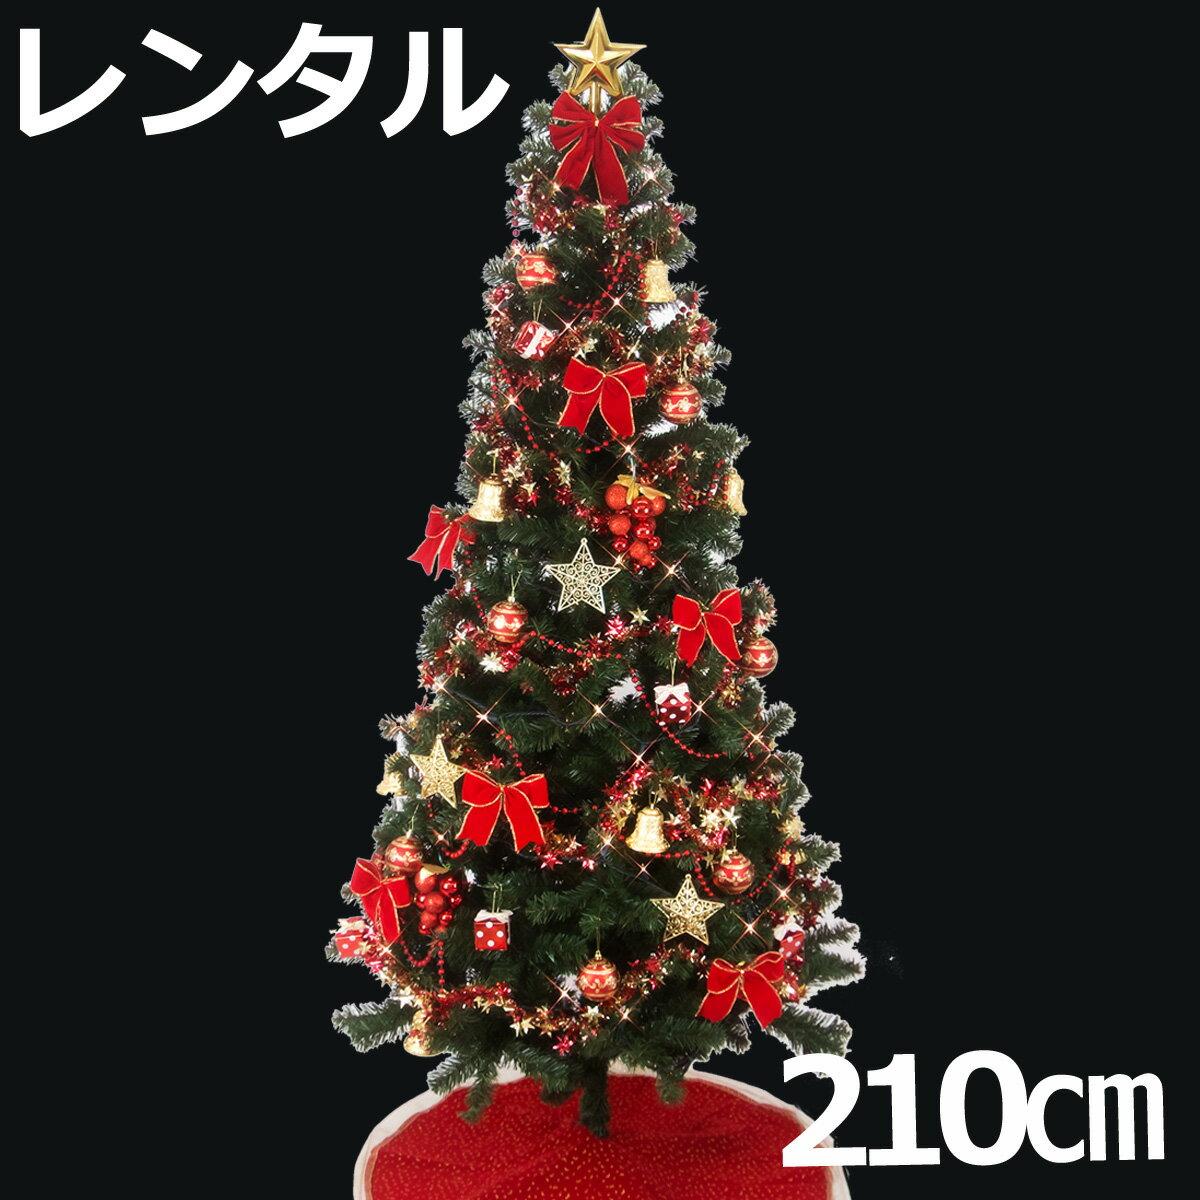 レンタル クリスマスツリー セット 210cm レッド&ゴールド 【往復 送料無料】 fy16REN07